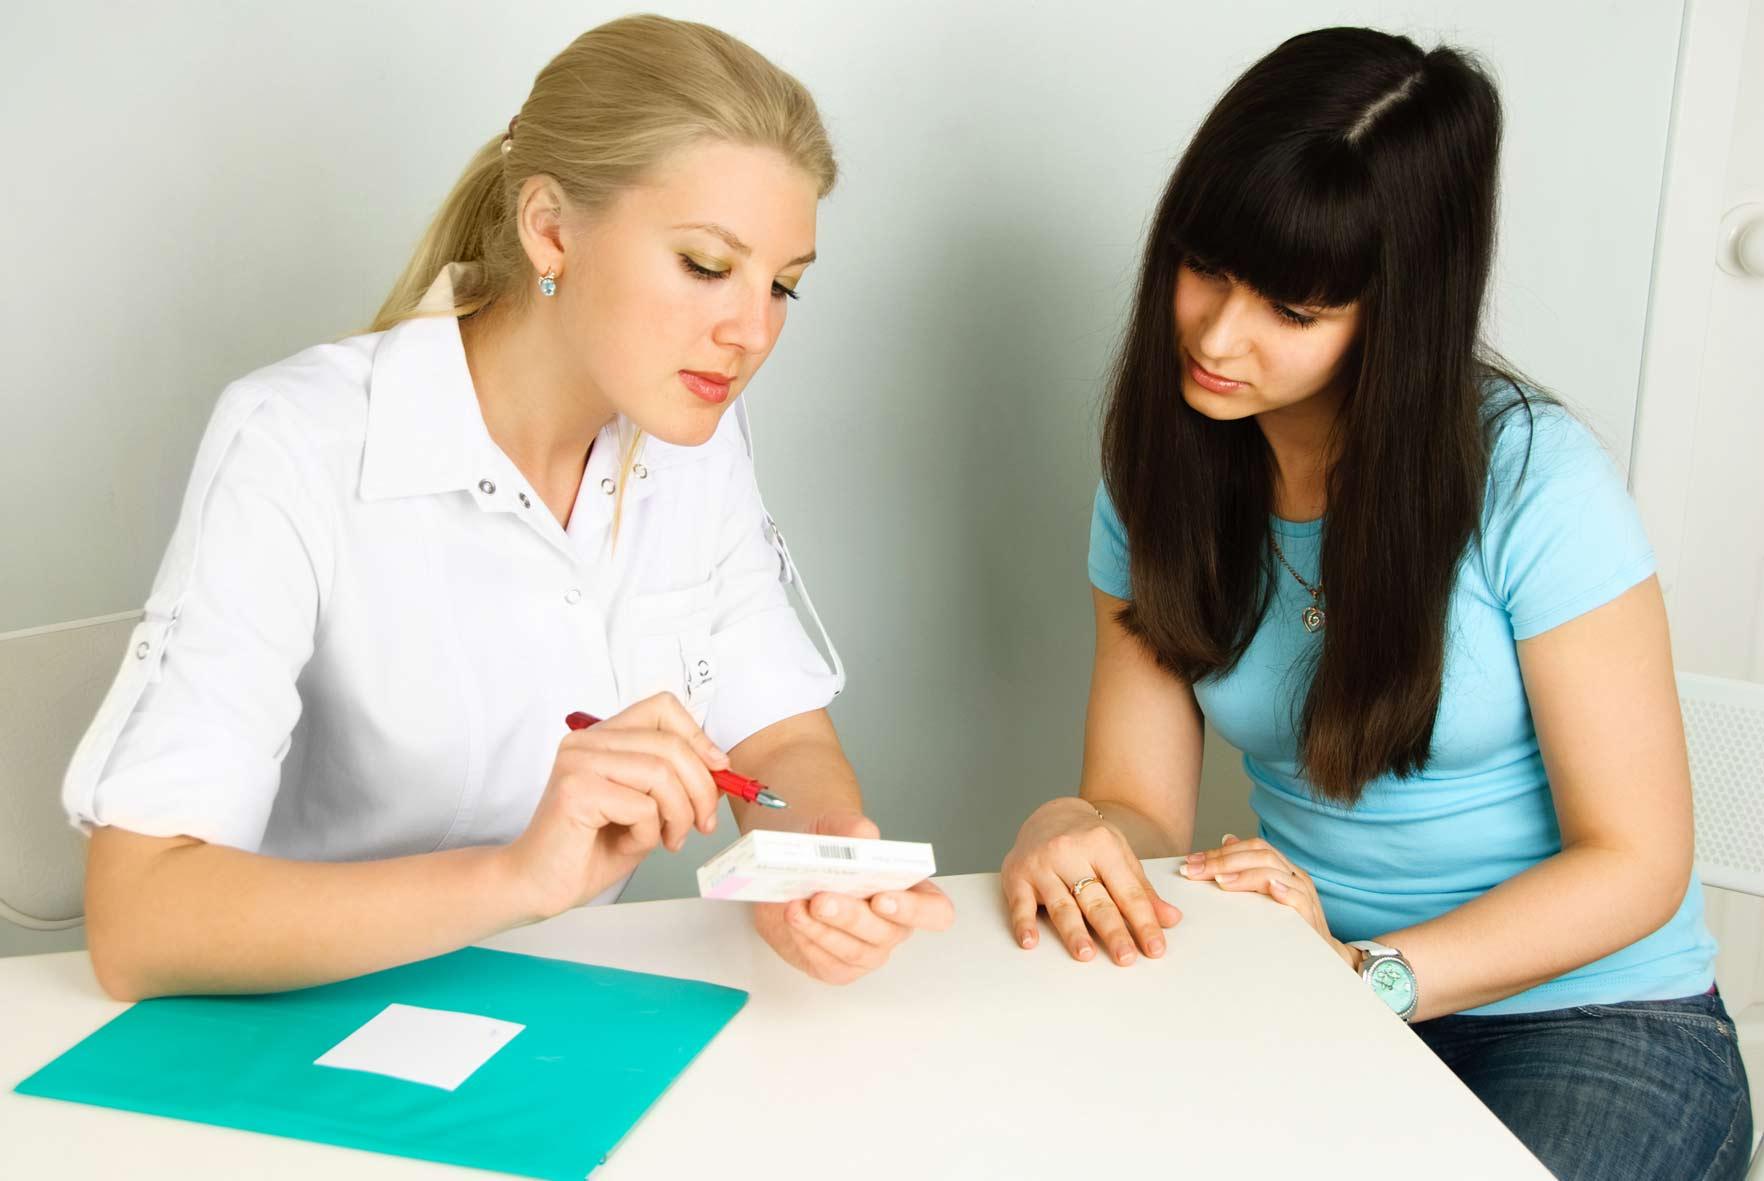 Надо ли консультироваться с врачом после анализа на ВПЧ женщинам